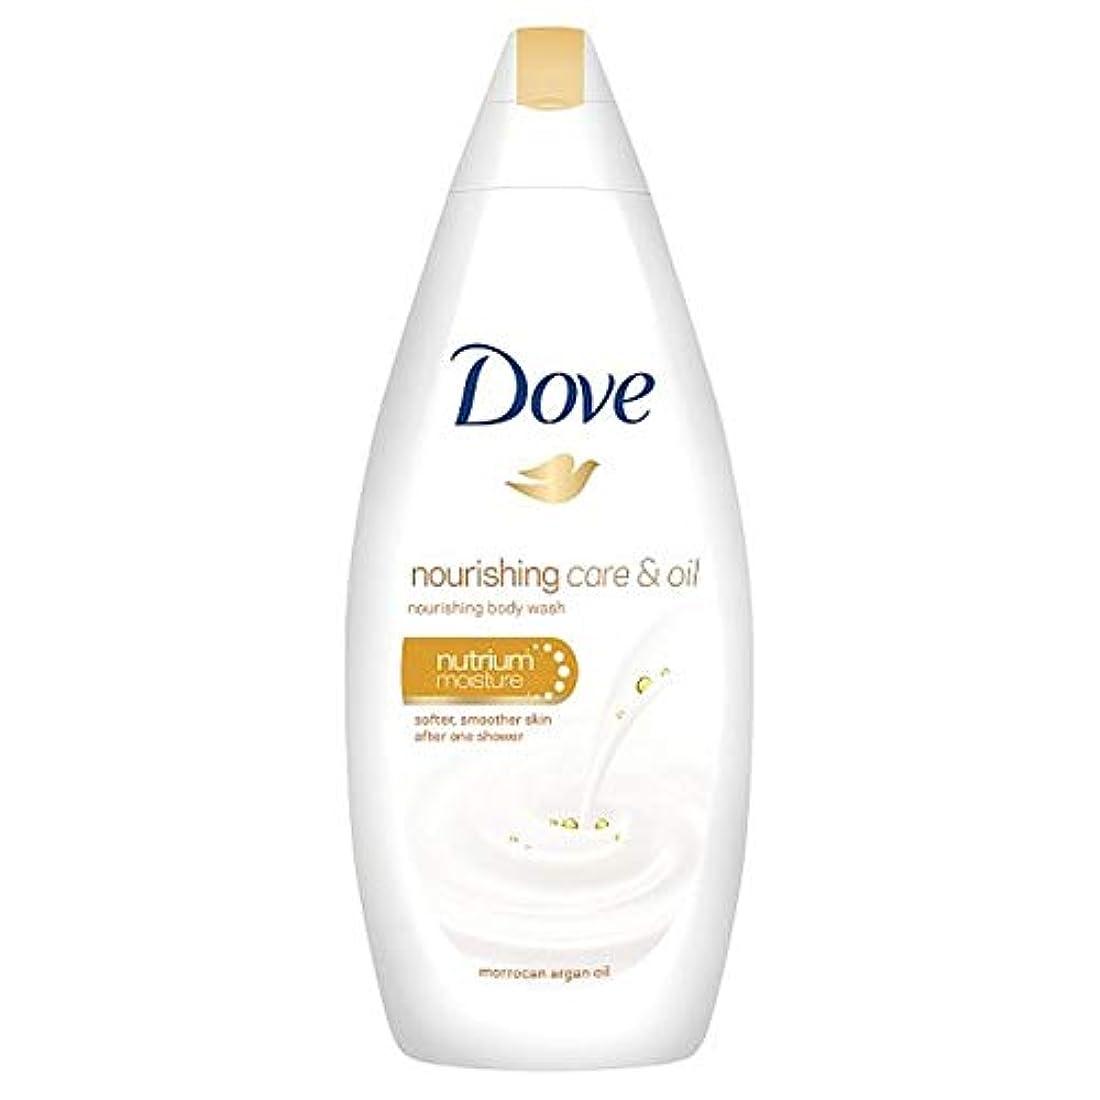 うがいエジプト人冷蔵する[Dove] 鳩栄養ケアとオイルボディウォッシュ250ミリリットル - Dove Nourishing Care And Oil Body Wash 250Ml [並行輸入品]